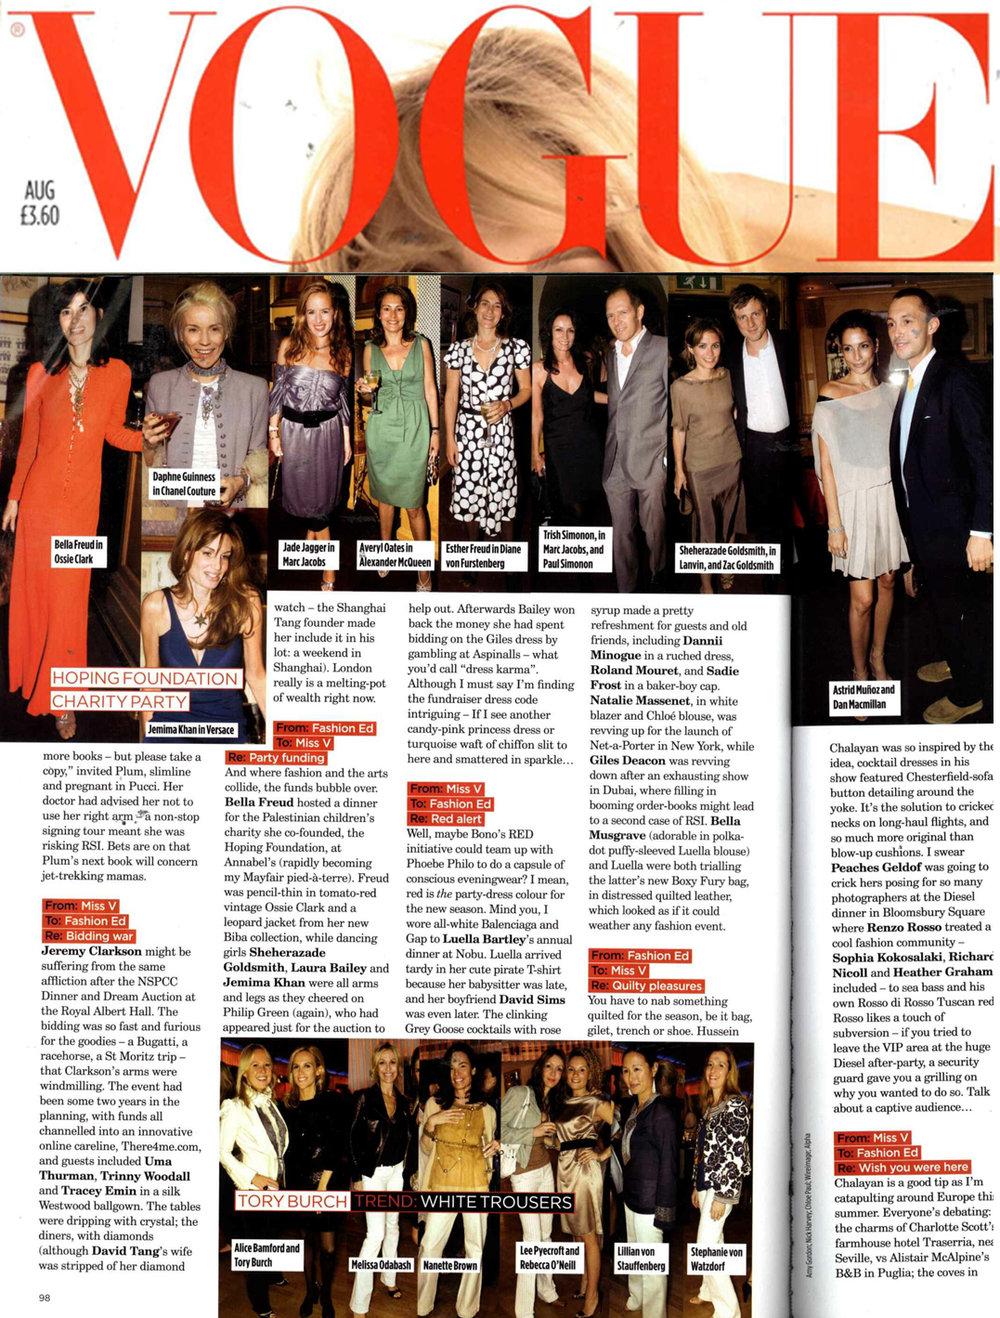 Vogue August 06.jpg